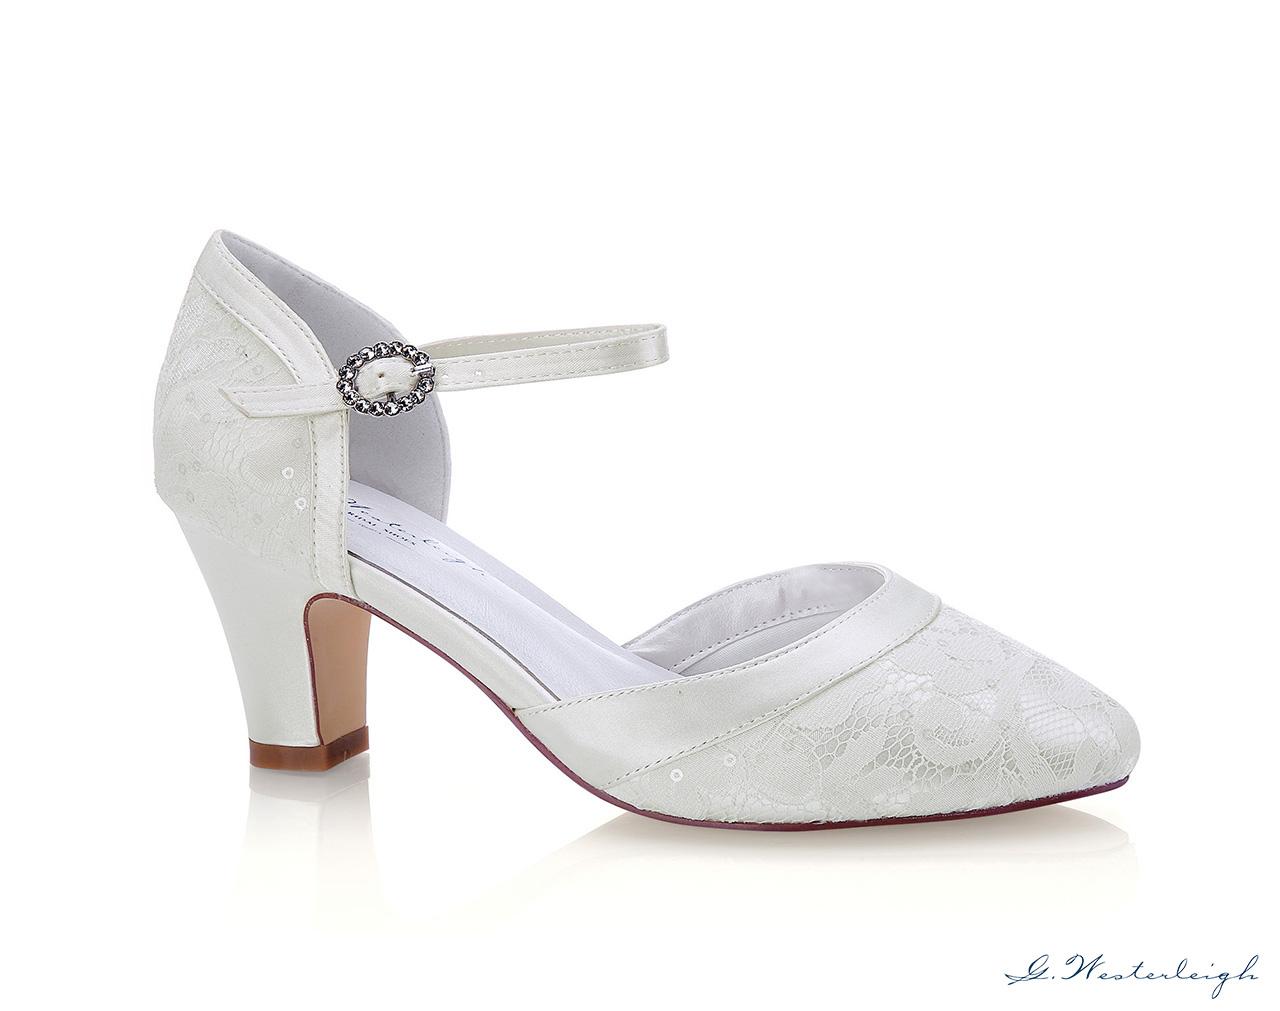 Svadobné topánky Livia - Obrázok č. 1